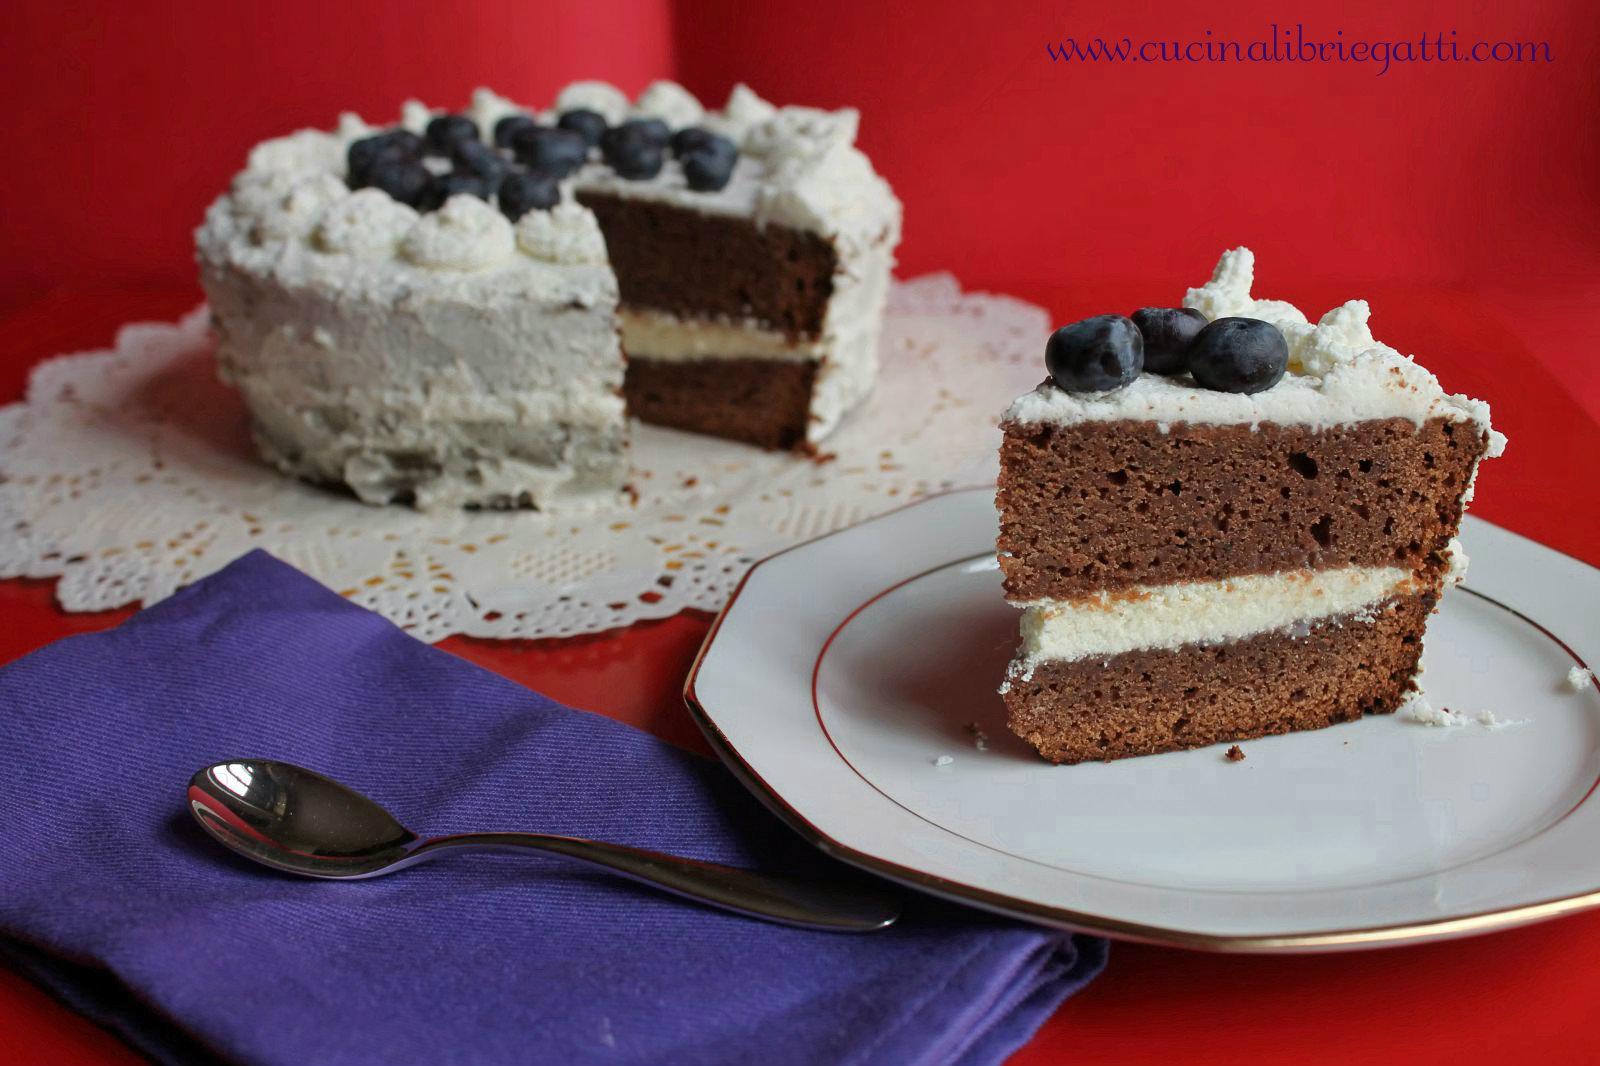 Torte Da Credenza Al Cioccolato : Mud cake al cioccolato con ganache bianco cucina